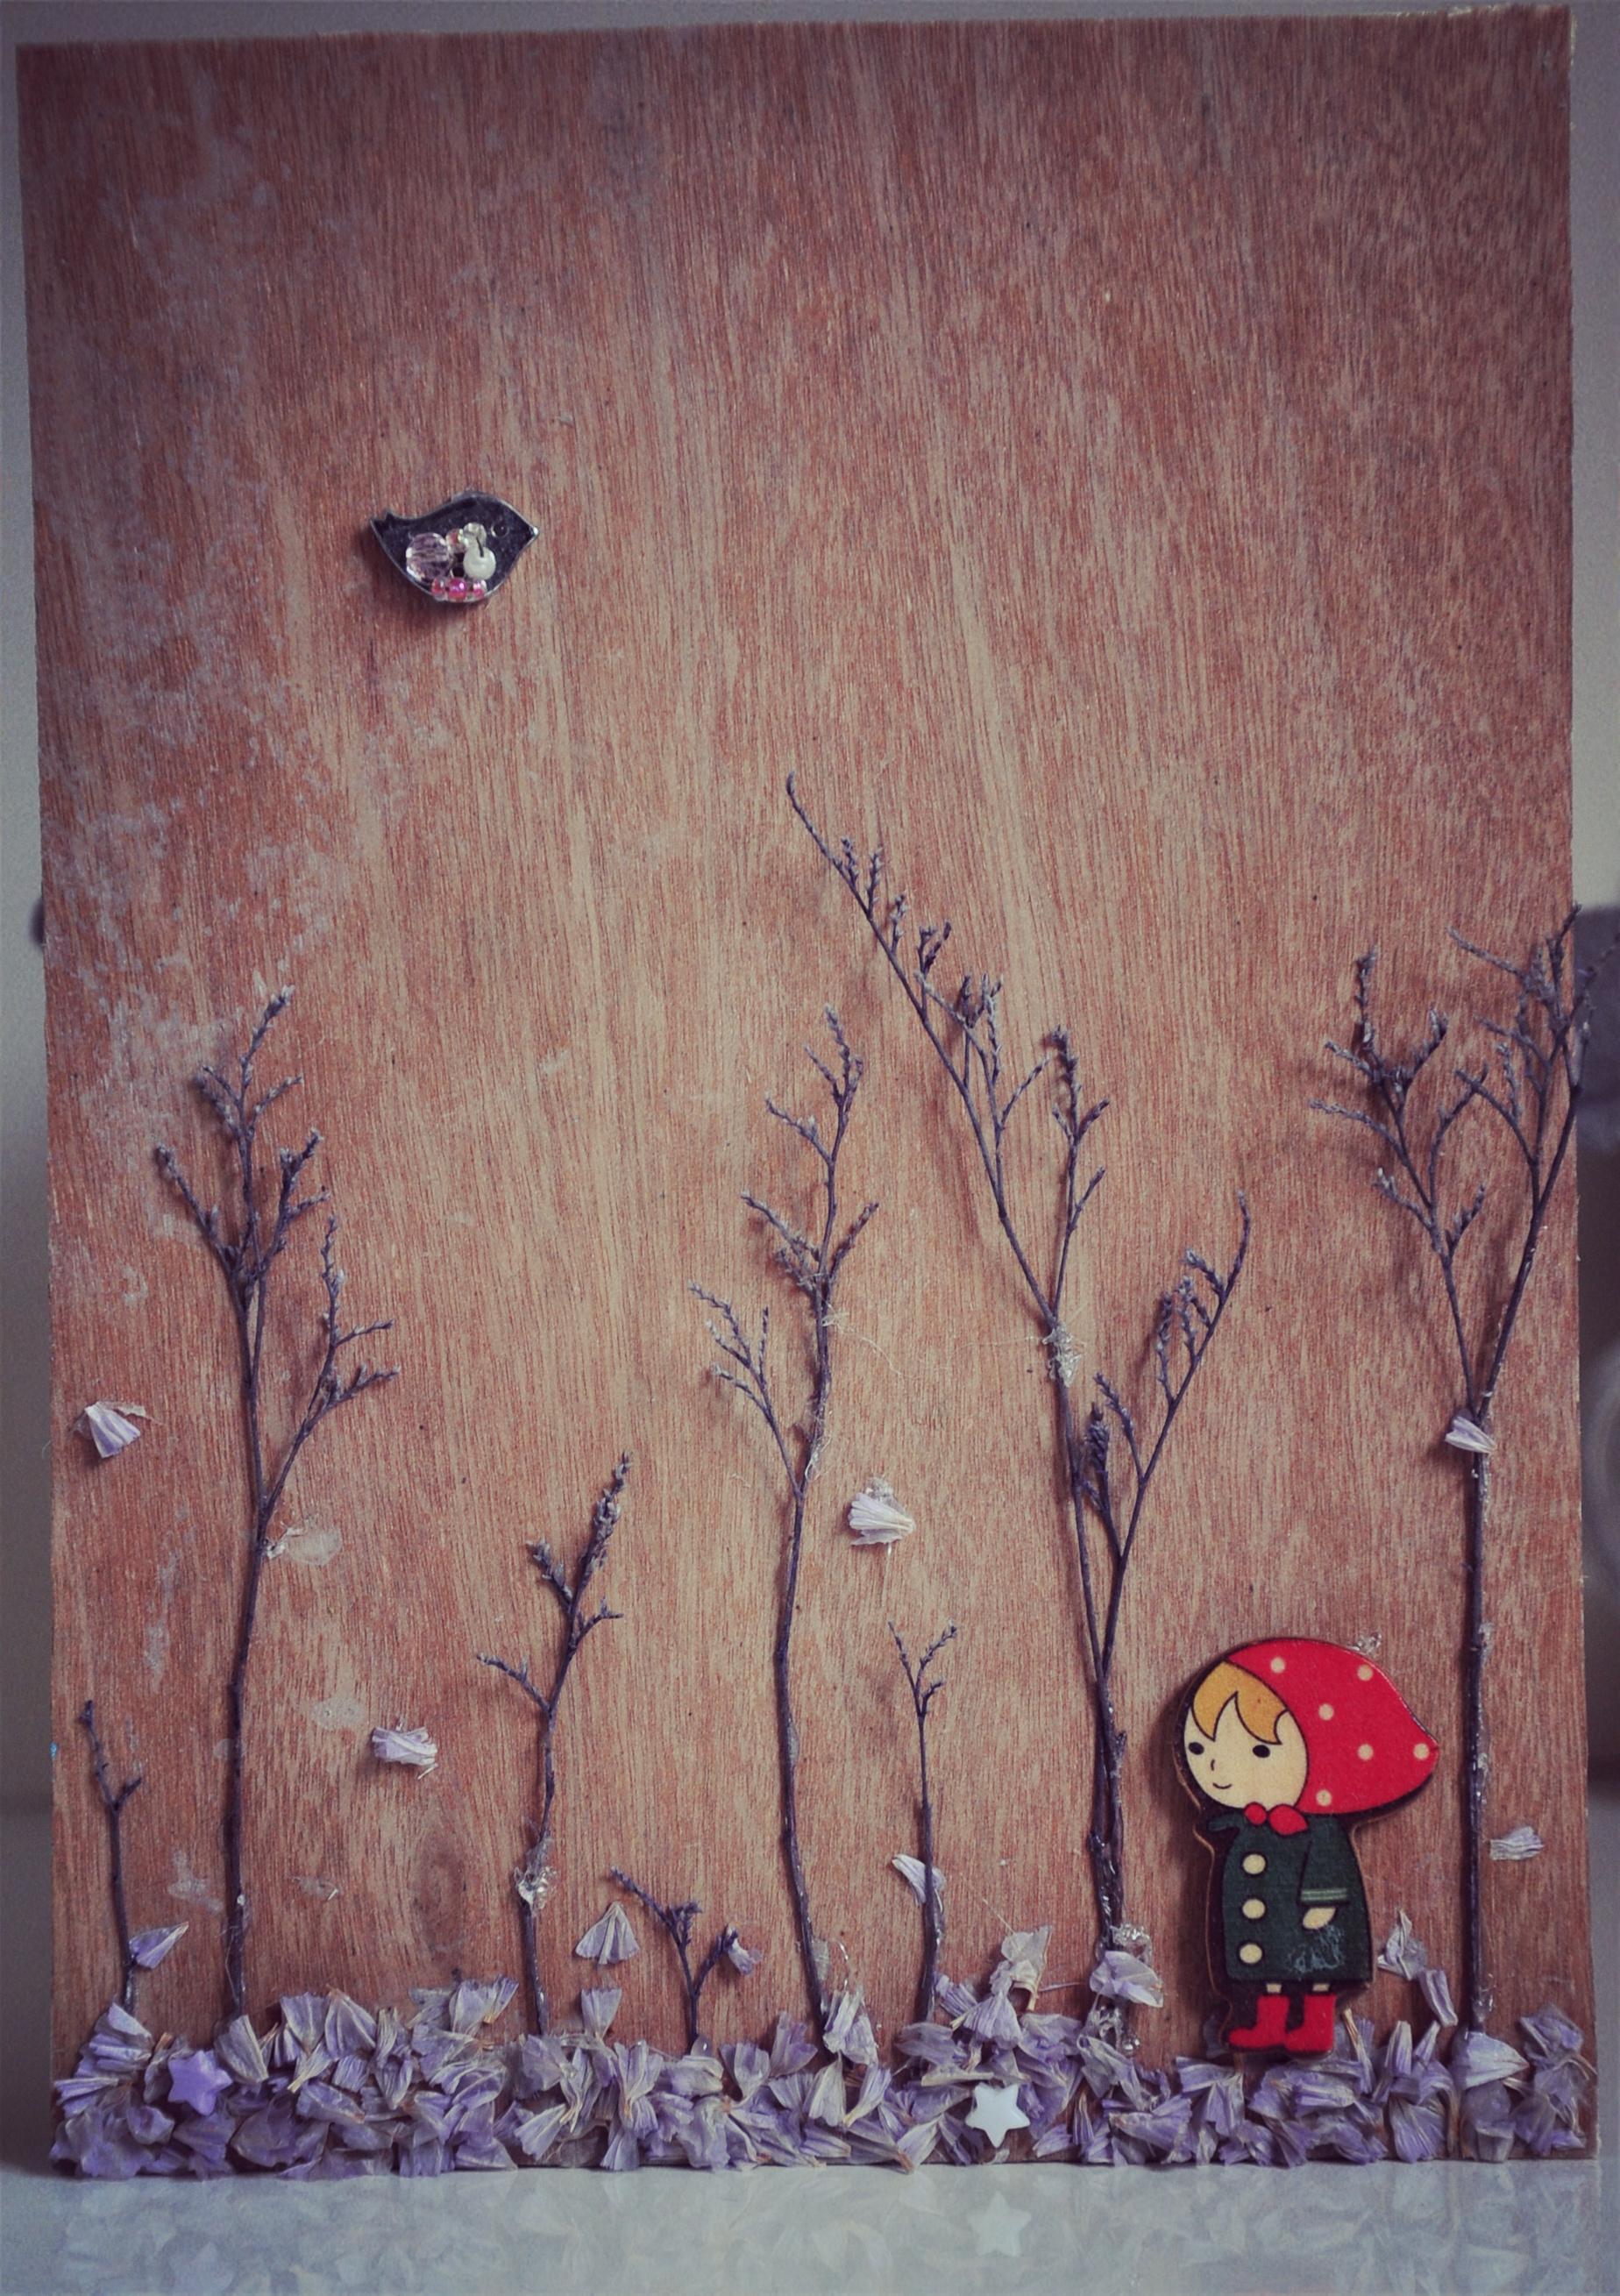 女孩与树 的拼贴画